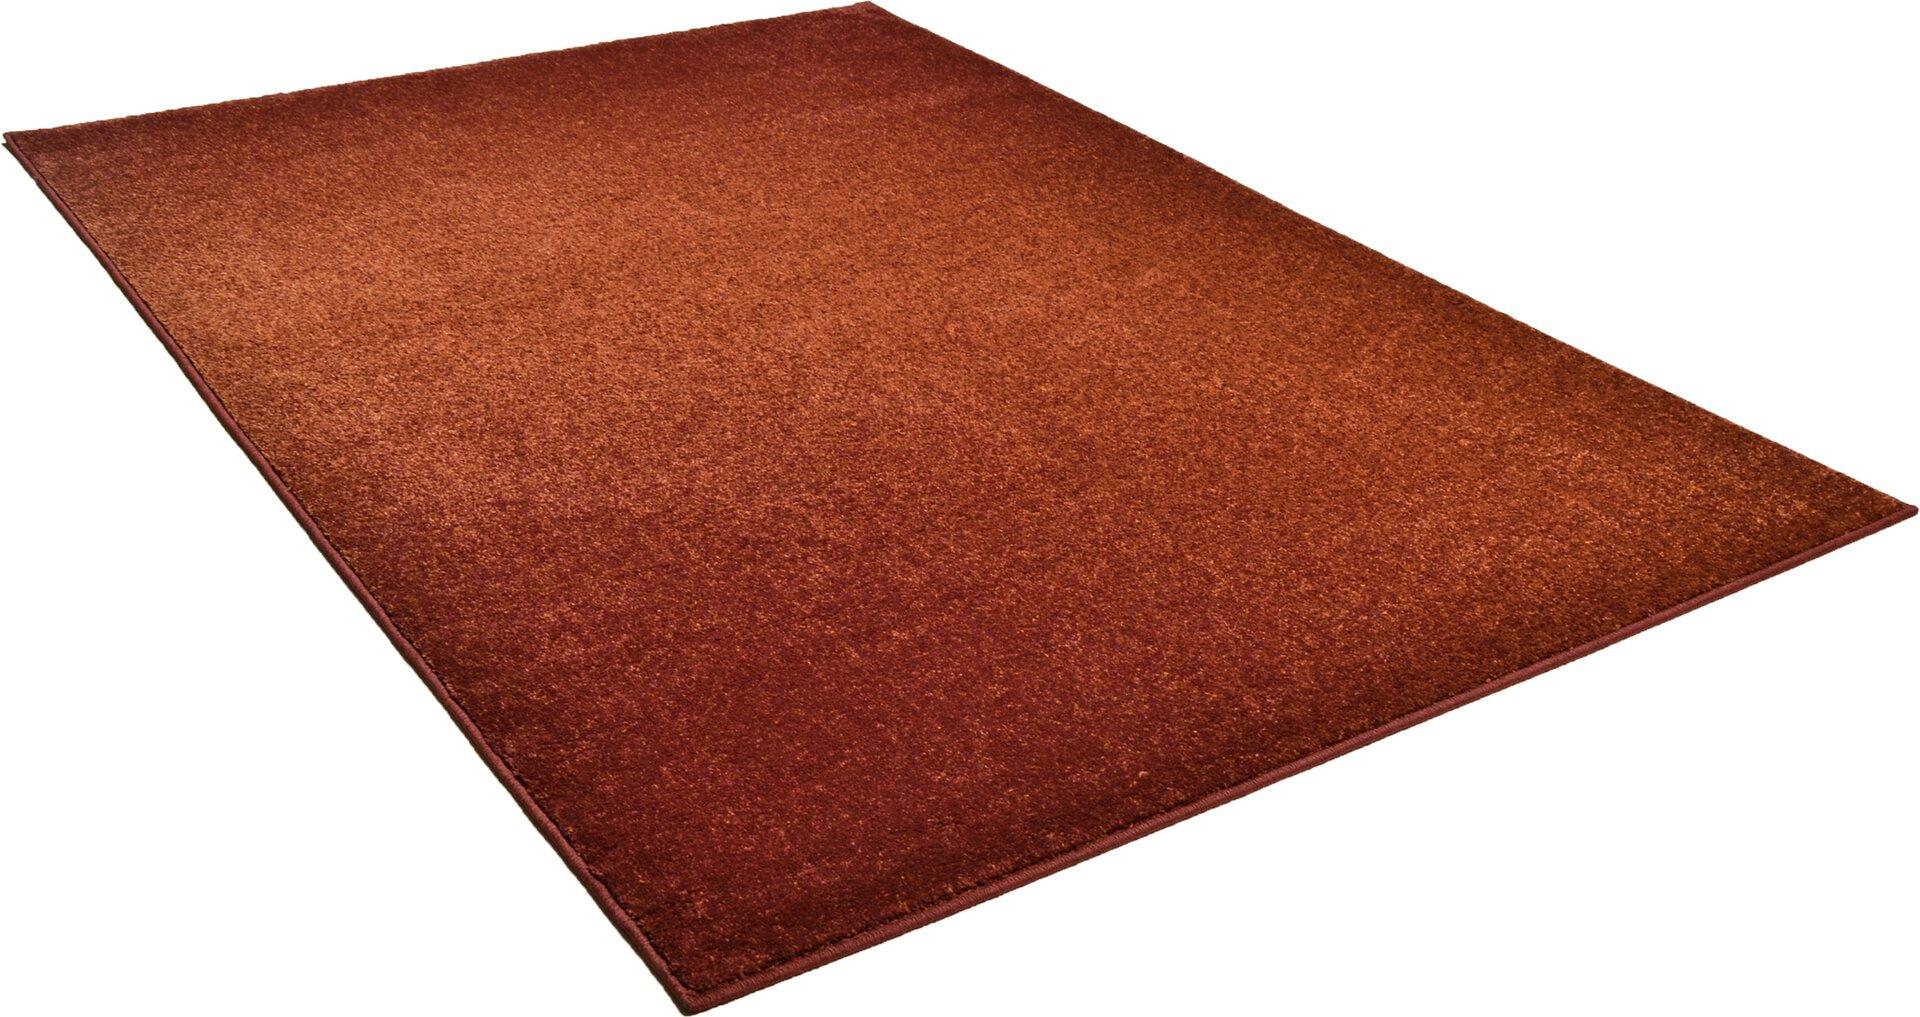 Maschinenwebteppich Renzo Theko Textil orange